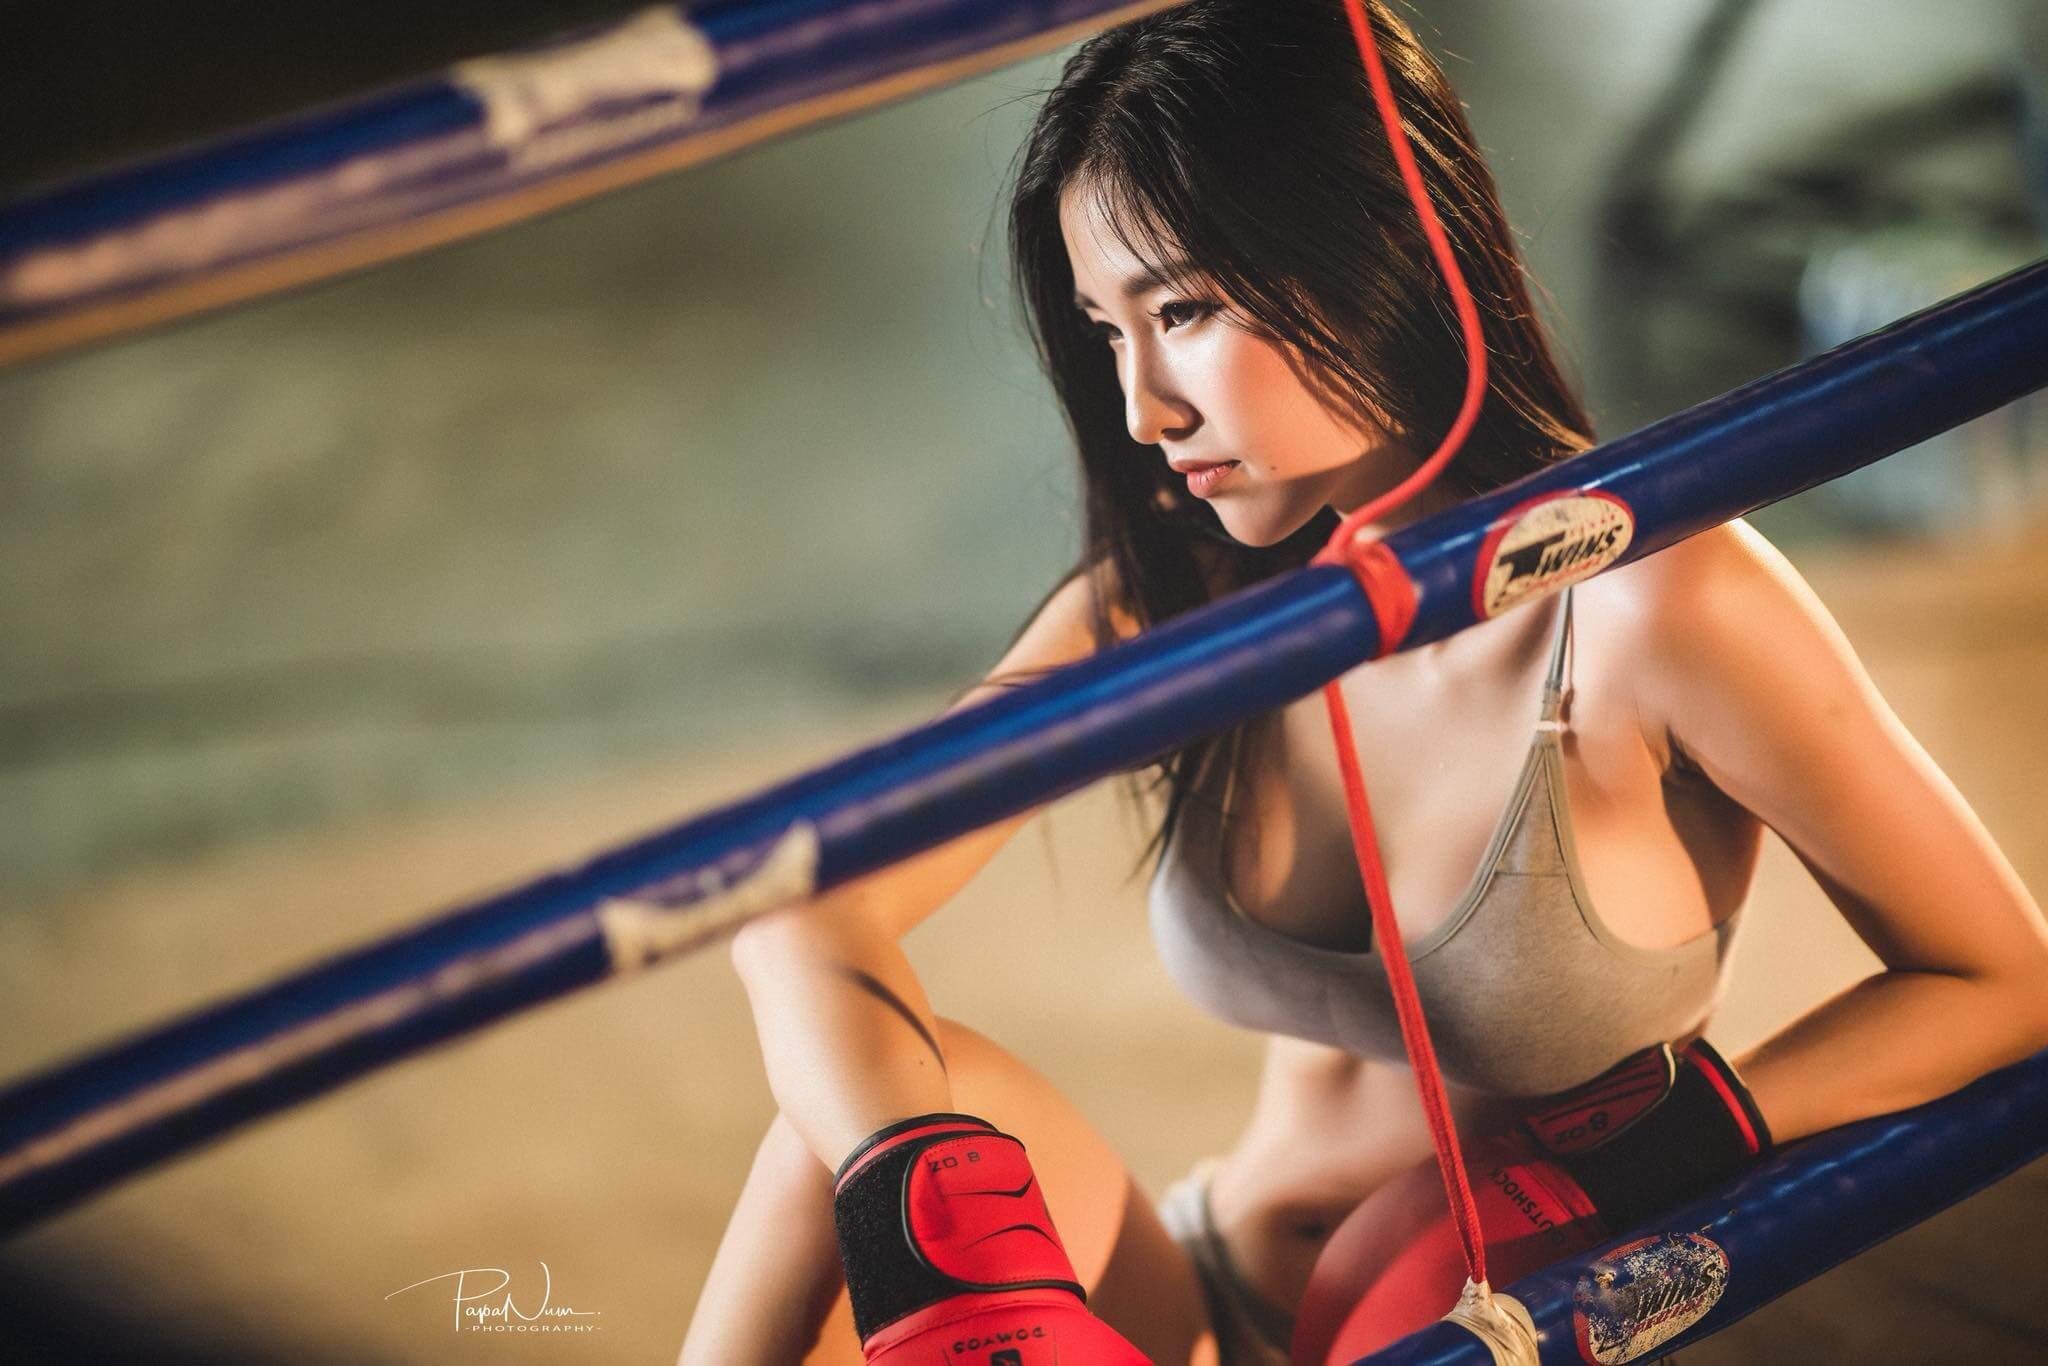 Nữ võ sĩ Muay Thái với thân hình gợi cảm đẹp tuyệt vời sau giờ tập luyện căng thẳng - Hình 6